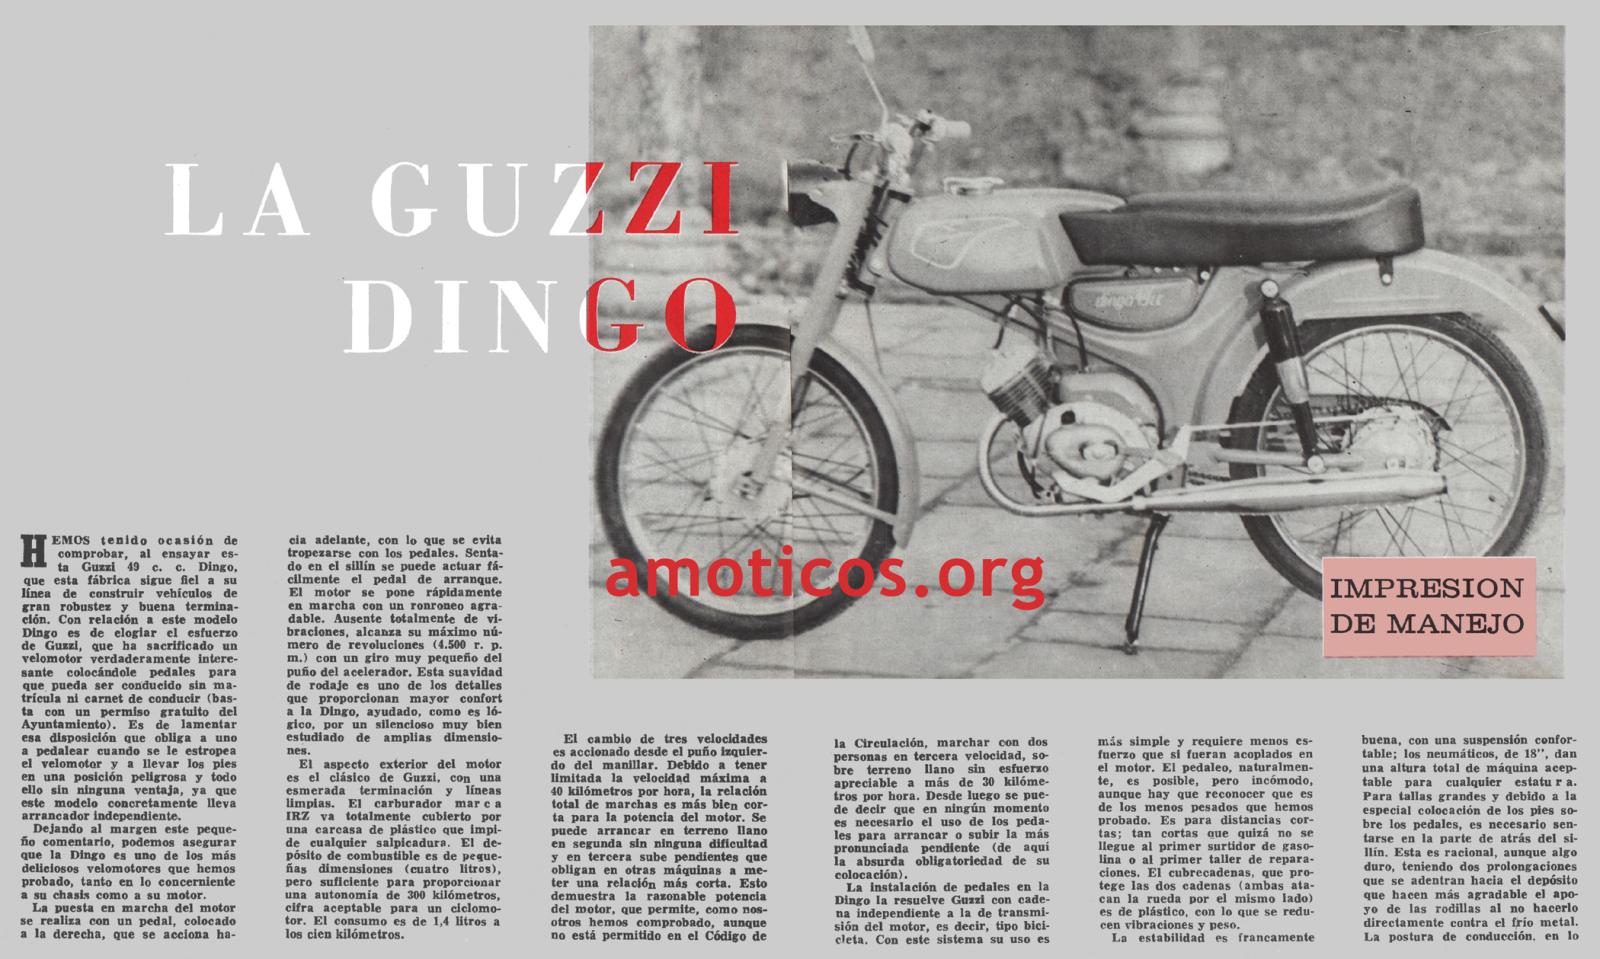 Prueba Guzzi Dingo 49 - 1966 Usxsm